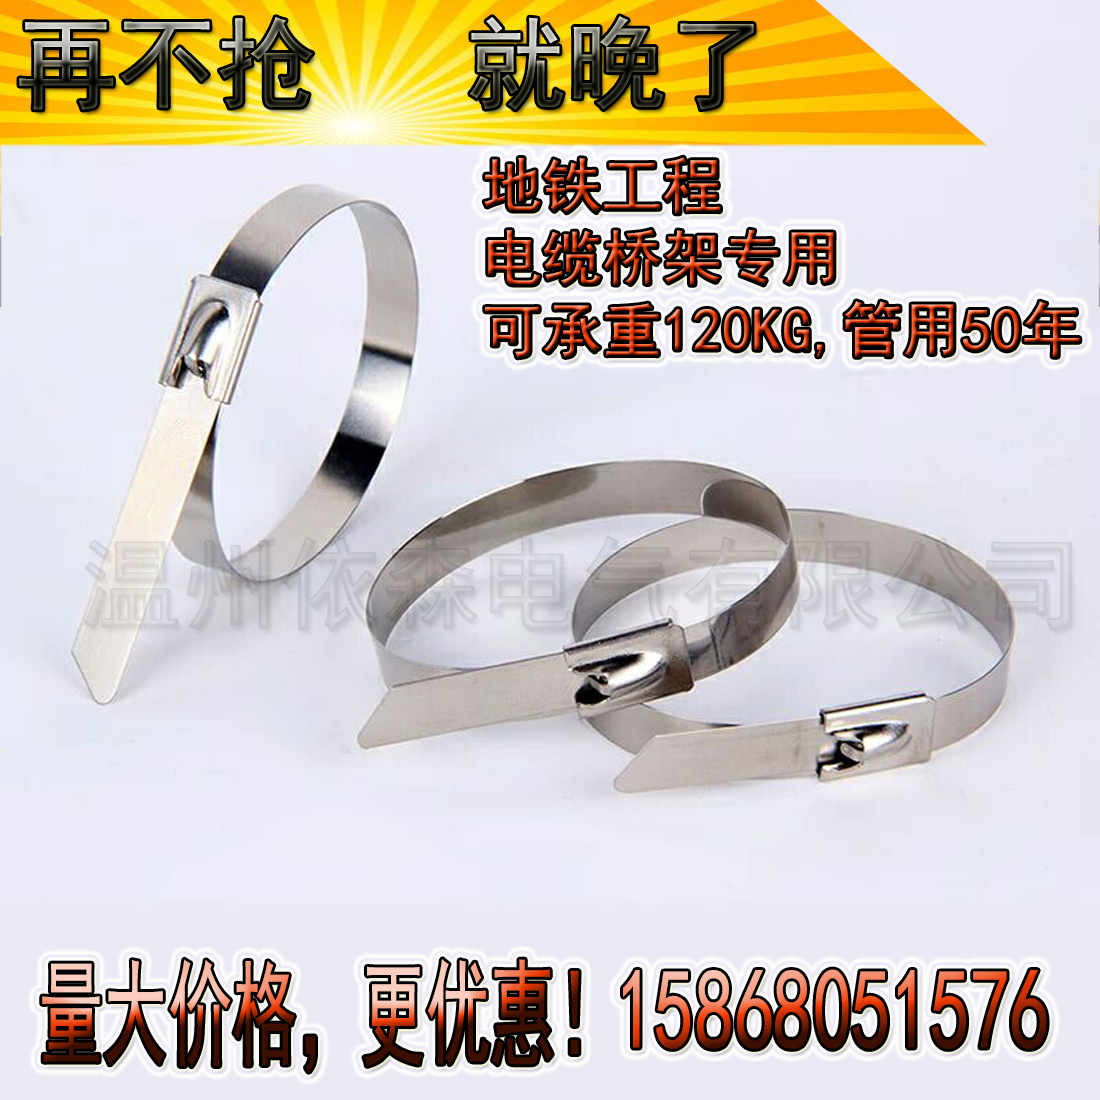 船用不锈钢扎带供应商 304不锈钢扎带生产厂家 自锁式金属扎带4.6*450MM优惠价格批发